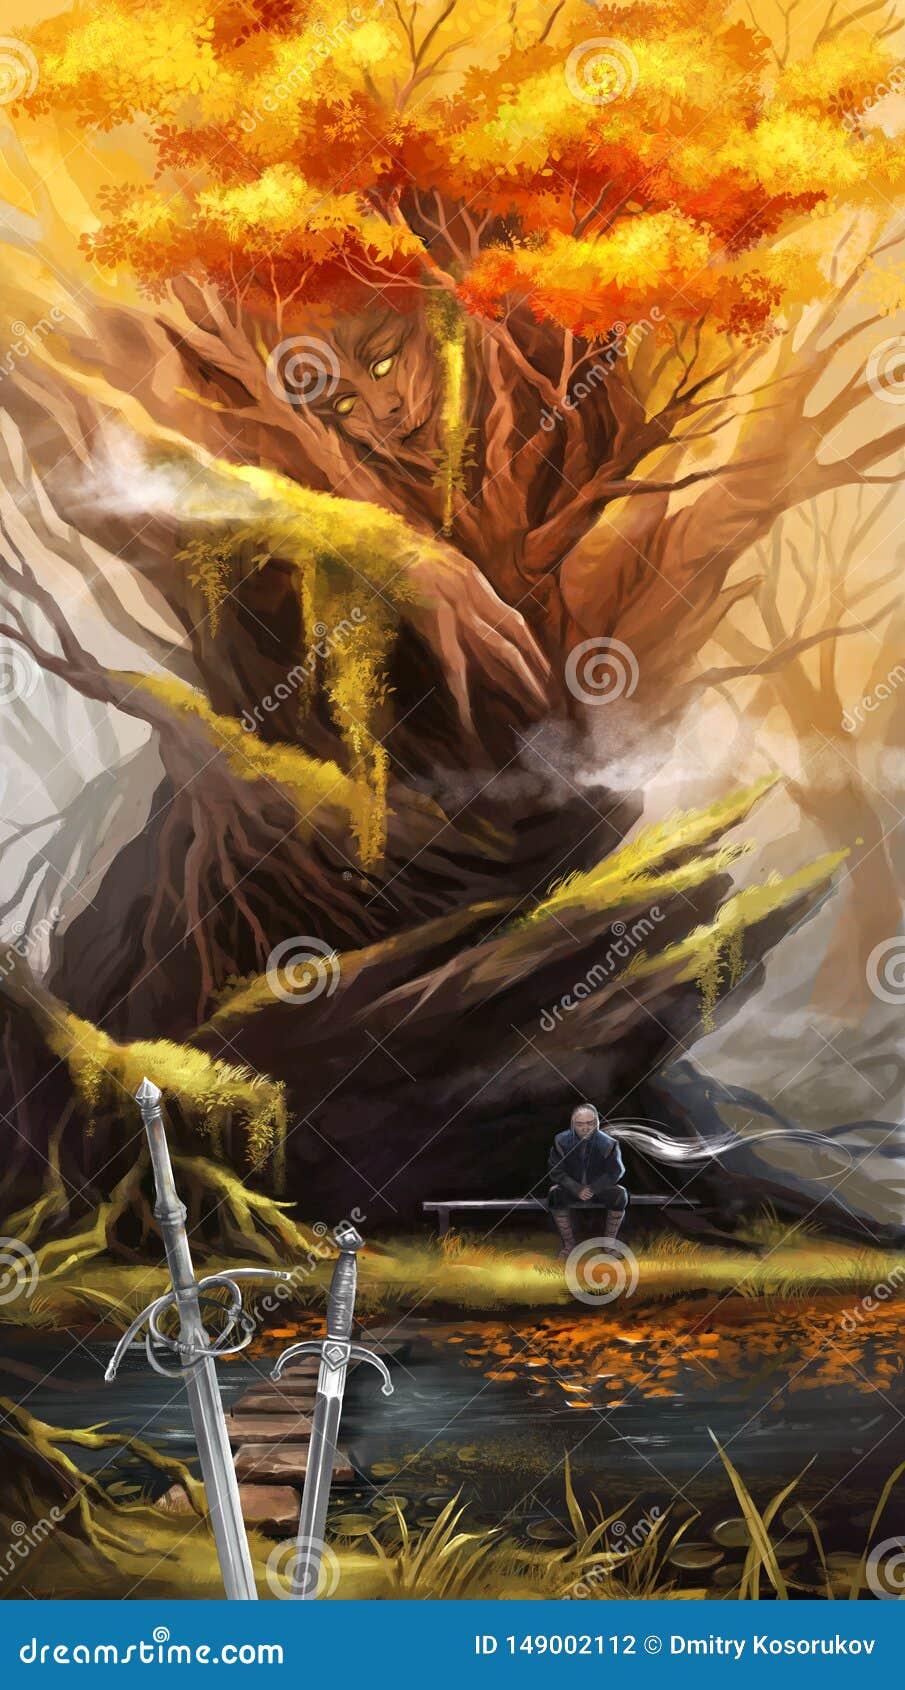 Illustration eines Mannes nach einem Kampf, der nahe einem Baum sitzt